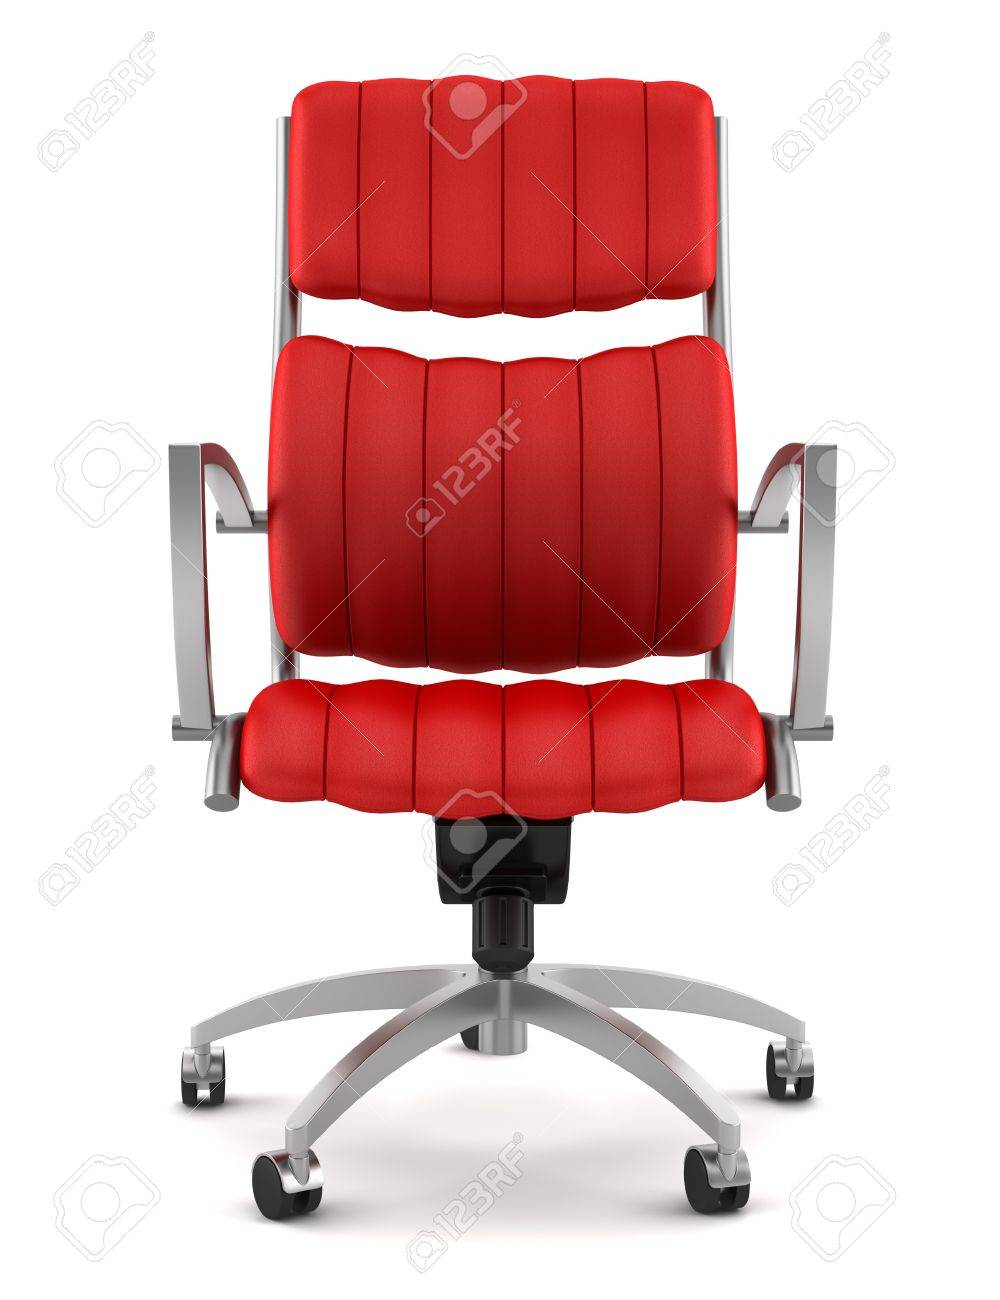 Red office chair modern - Modern Red Office Chair Isolated On White Background